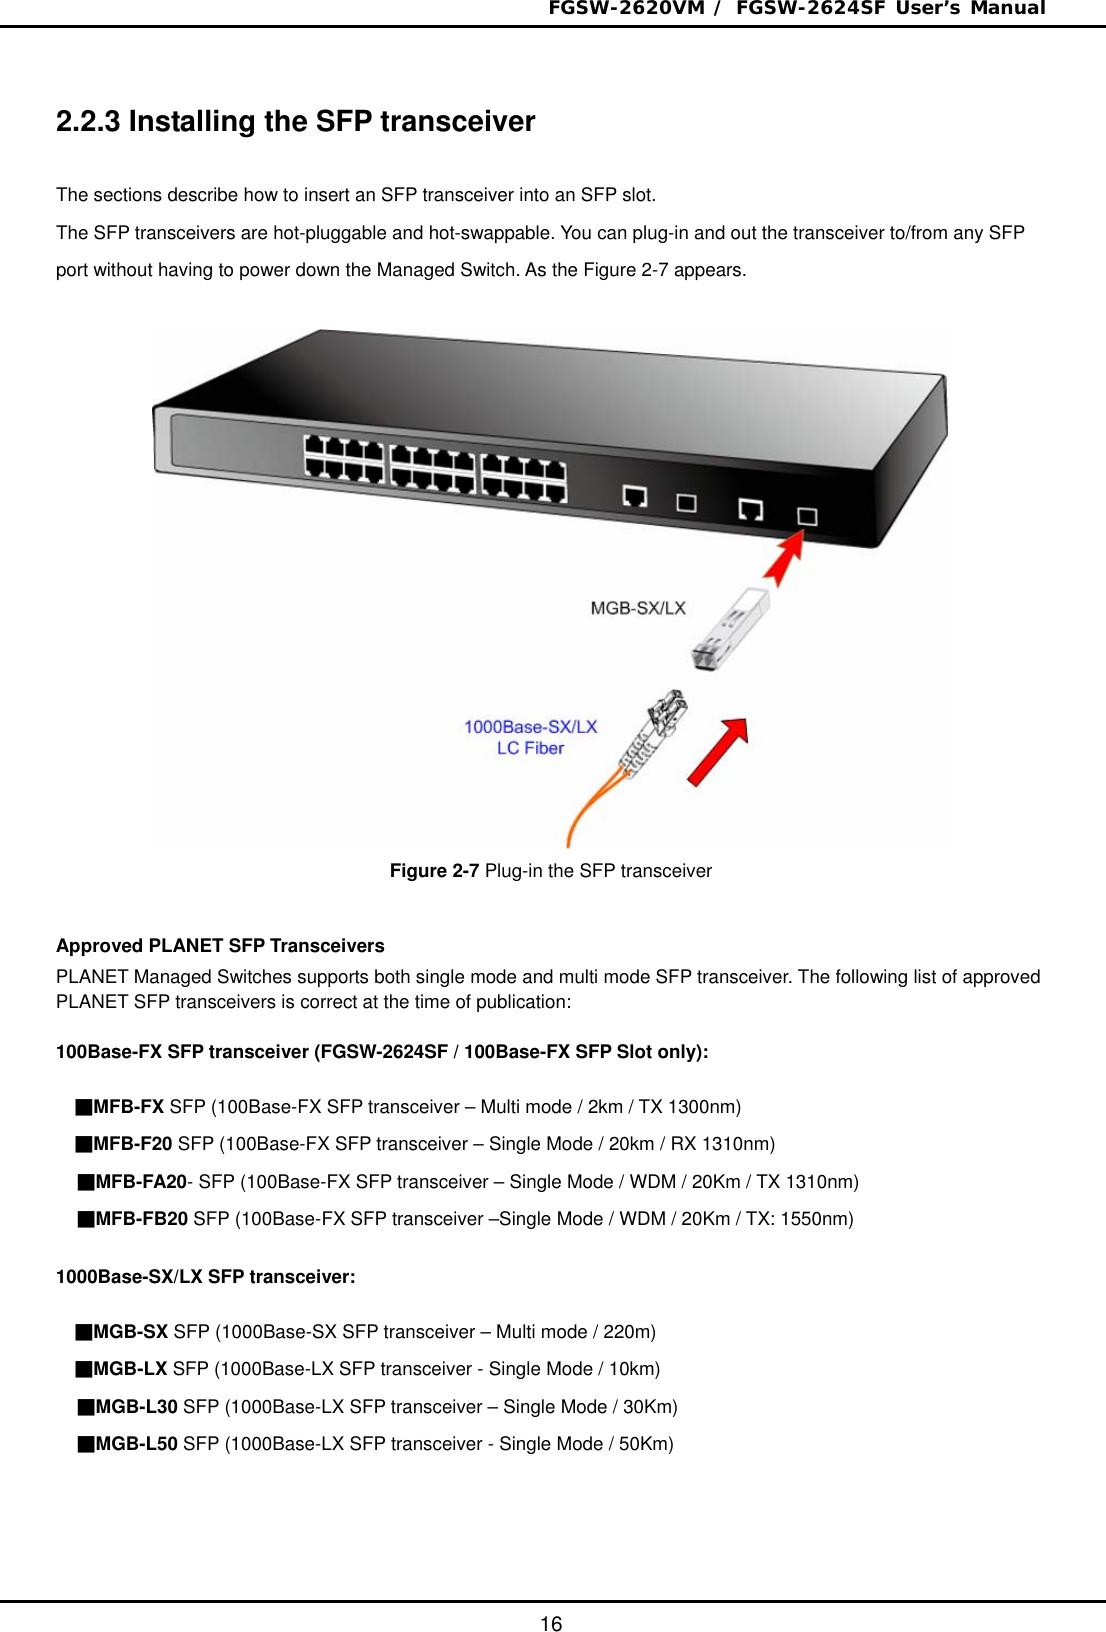 Planet Technology Fgsw 2624Sf Users Manual 2620VM / 2624SF(v2)